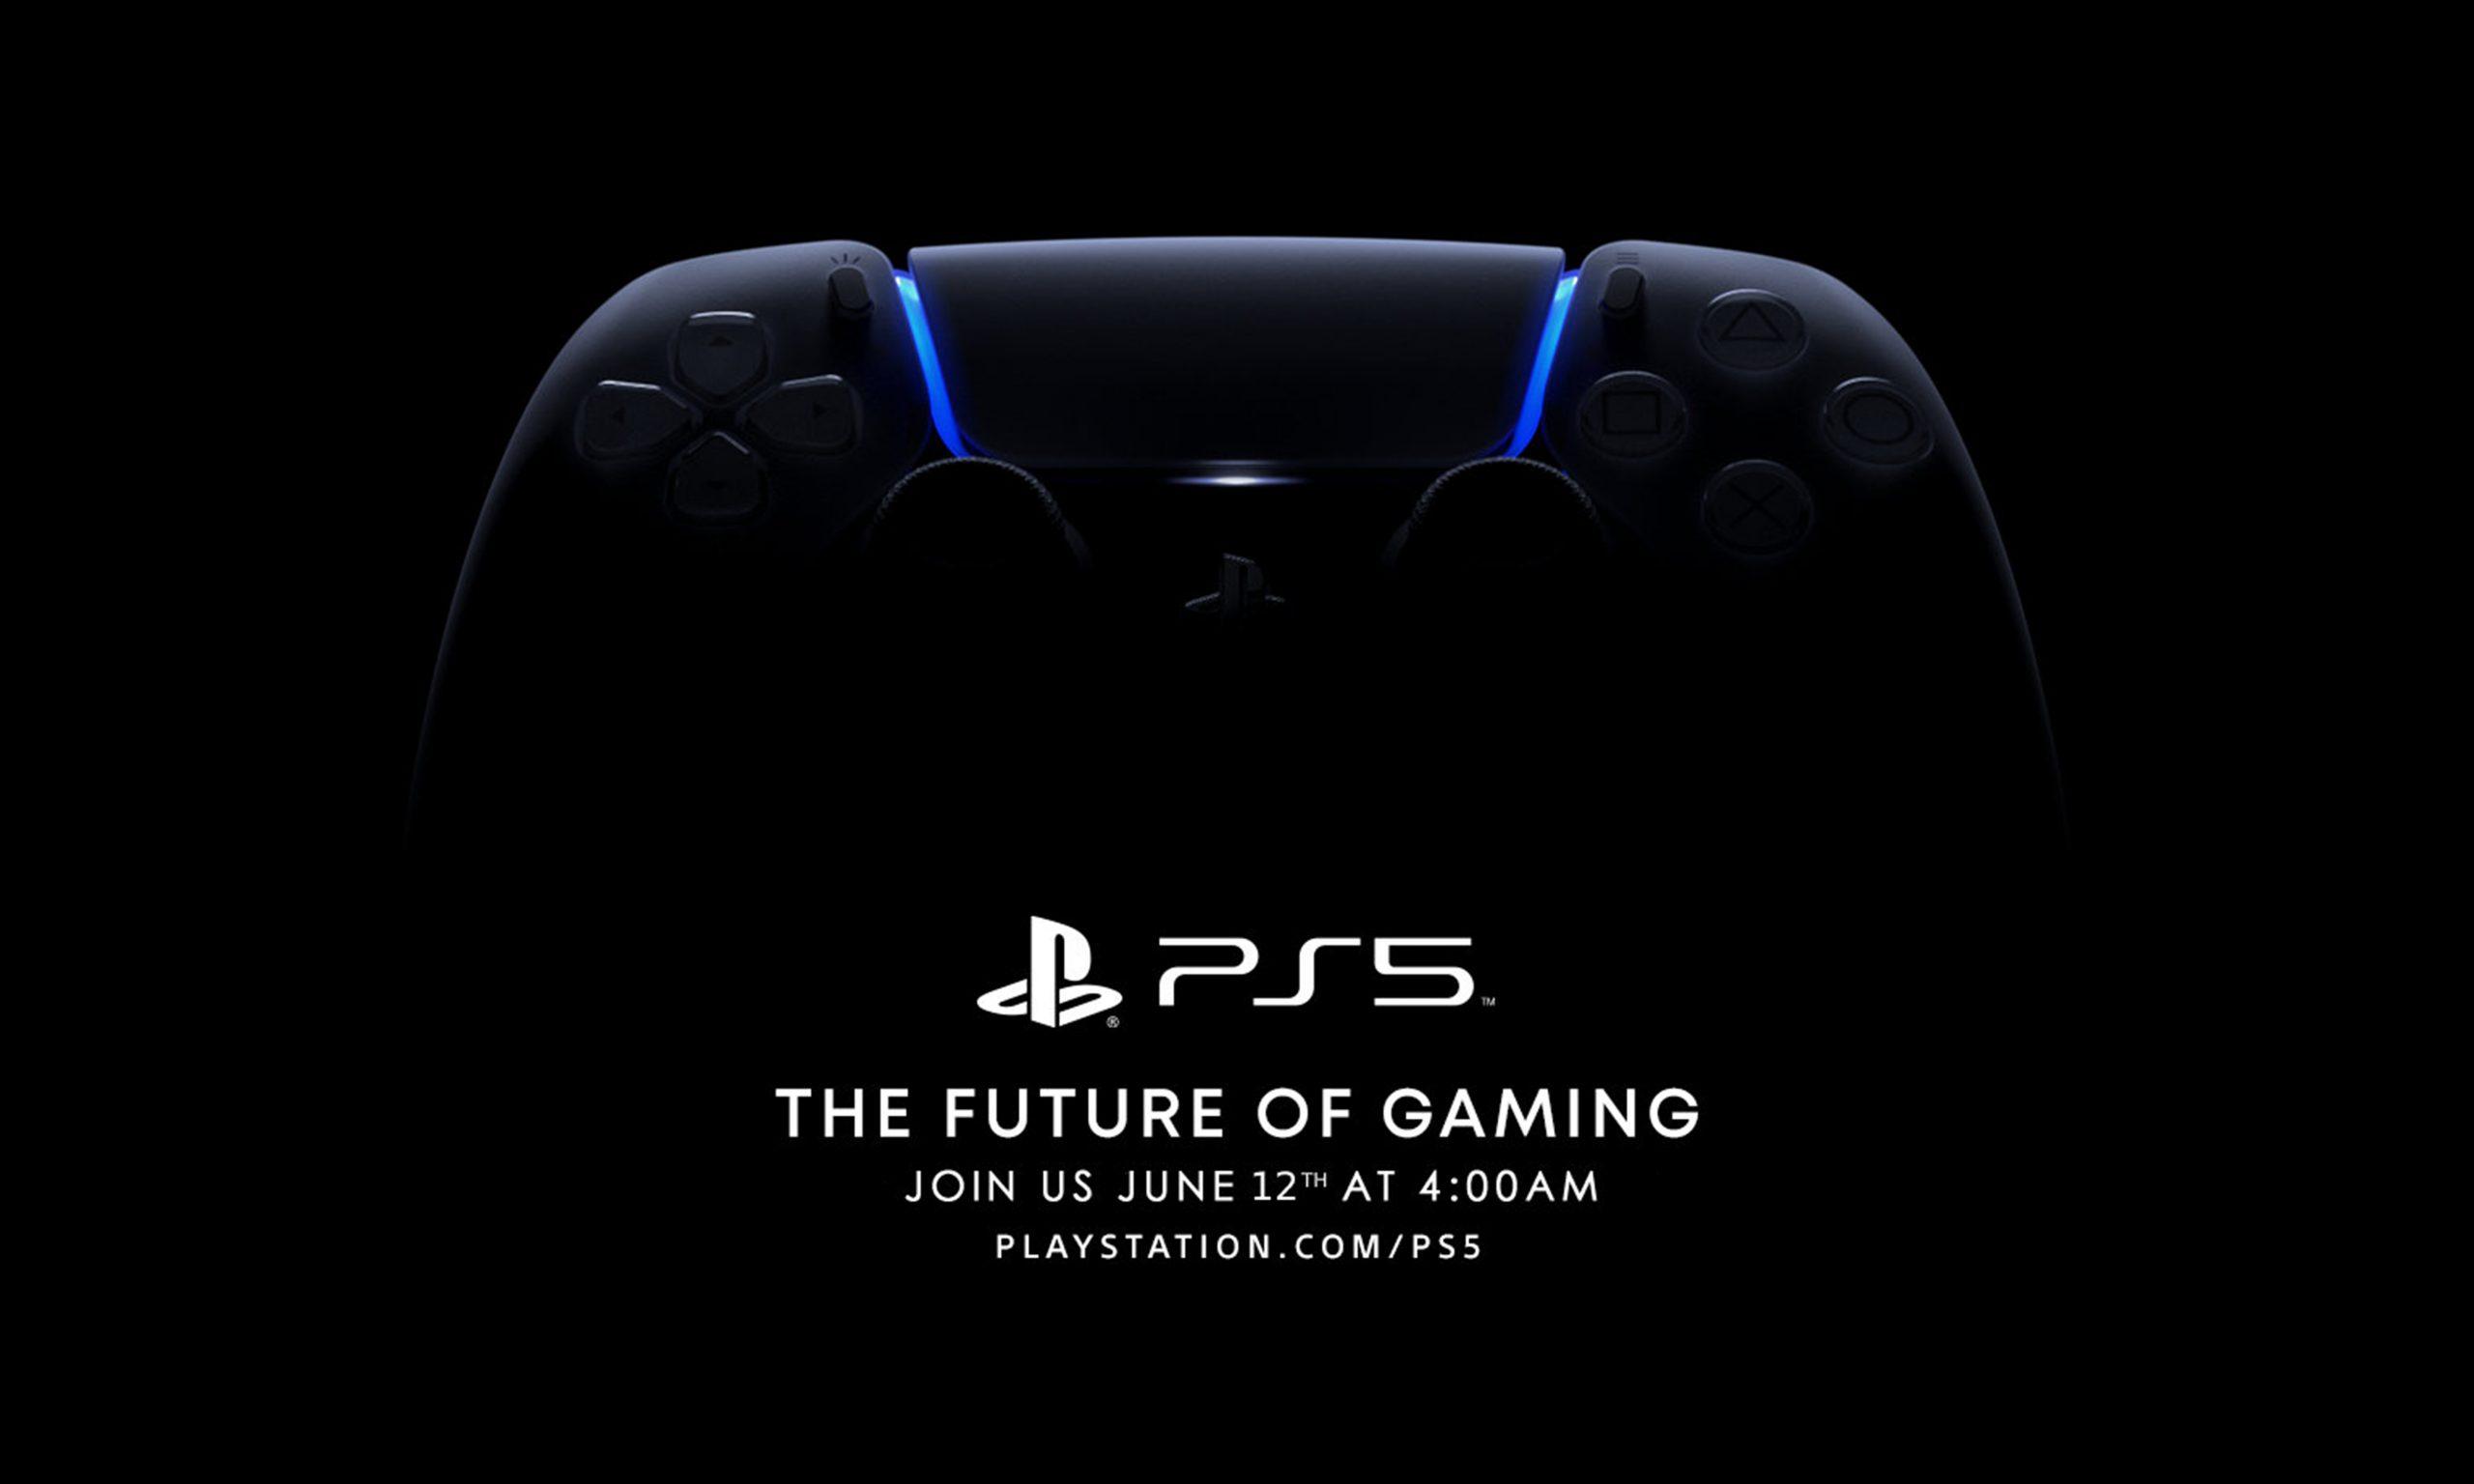 索尼 PS5 发布会时间重新确定